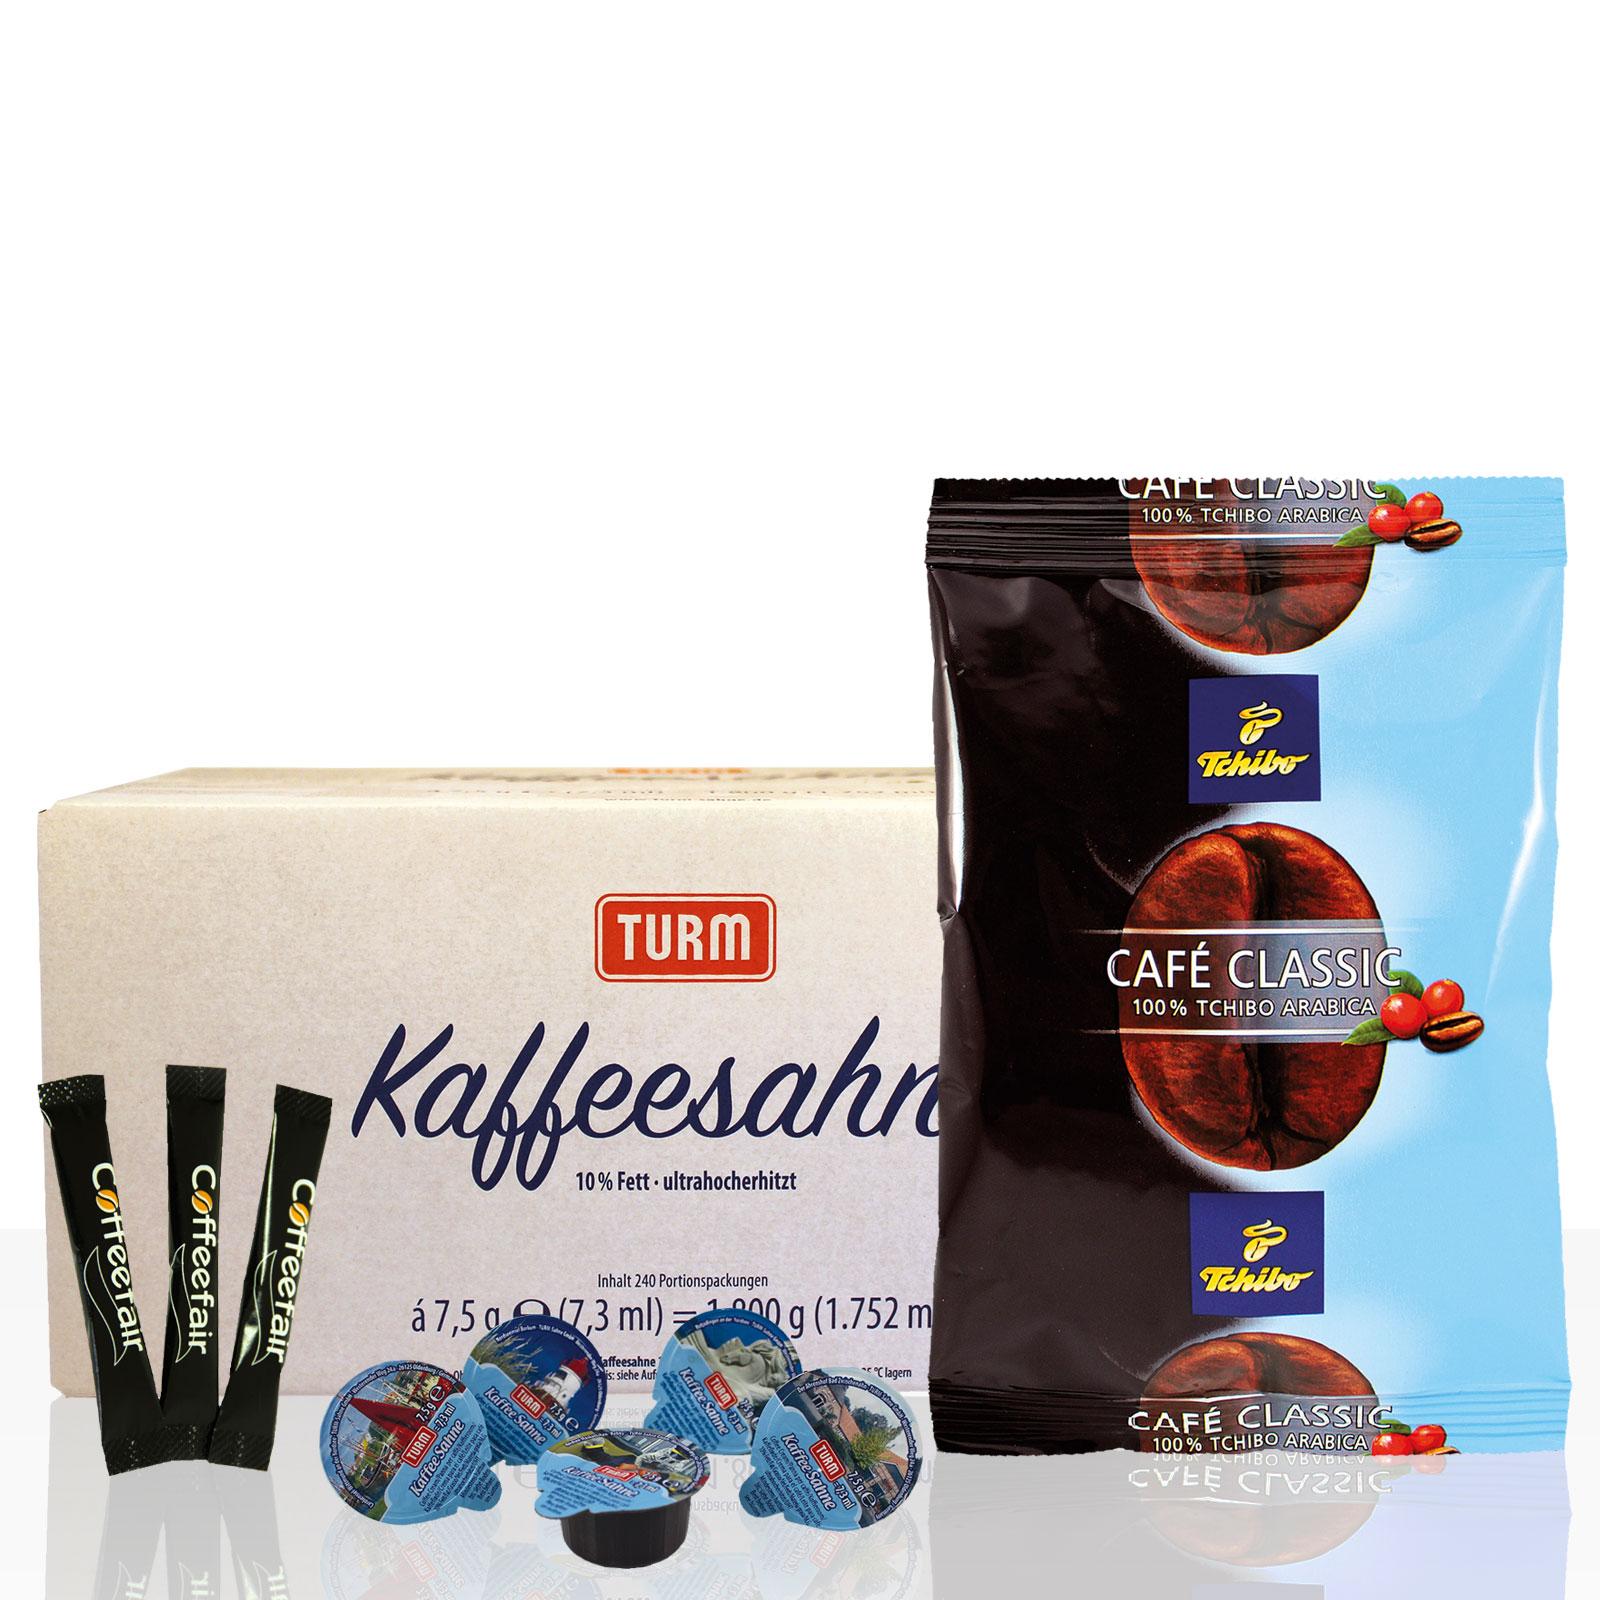 Tchibo Cafe Classic Mild 80 x 60g, 2x Kaffeesahne, 1x Zuckersticks